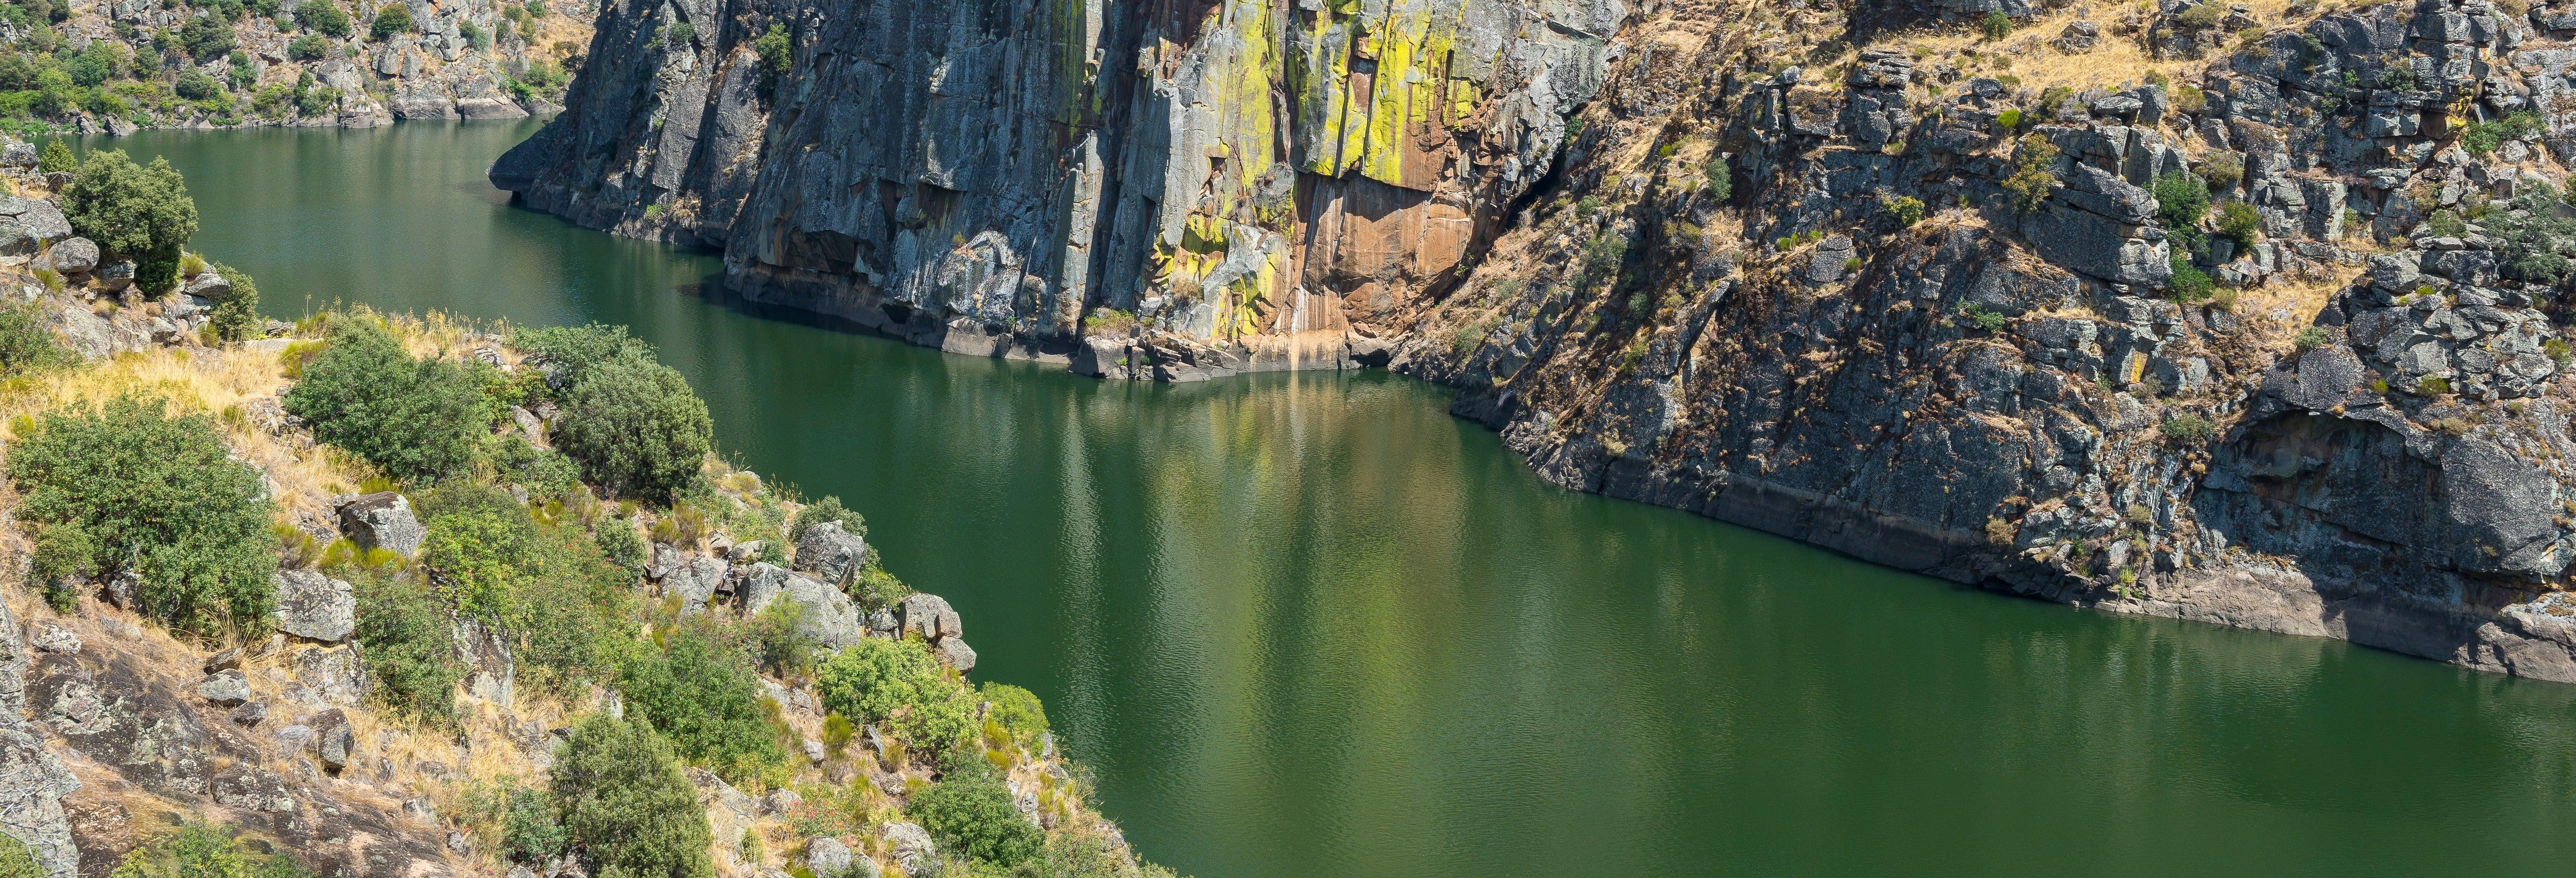 Excursión al Parque Natural Arribes del Duero